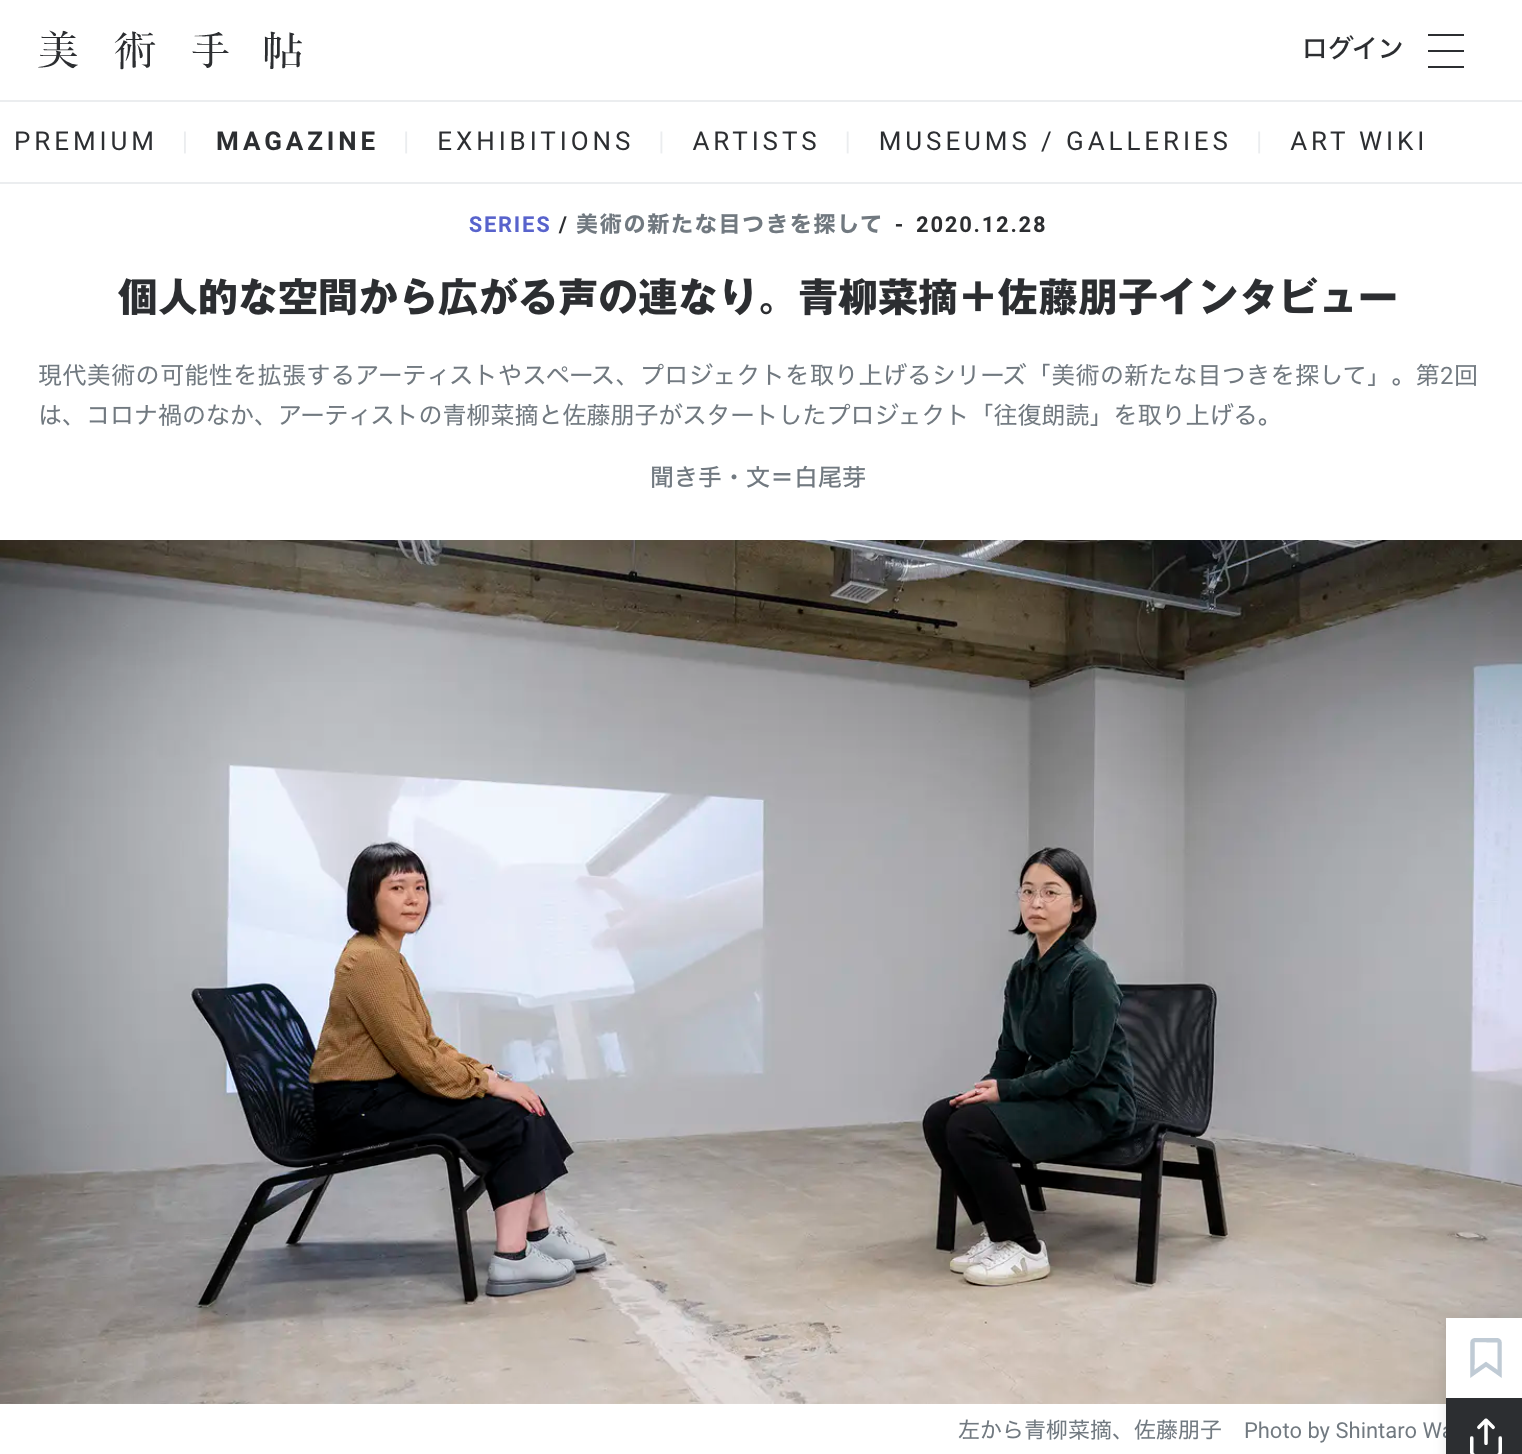 [掲載]WEB版美術手帖 シリーズ 美術の新たな目つきを探して|個人的な空間から広がる声の連なり。青柳菜摘+佐藤朋子インタビュー